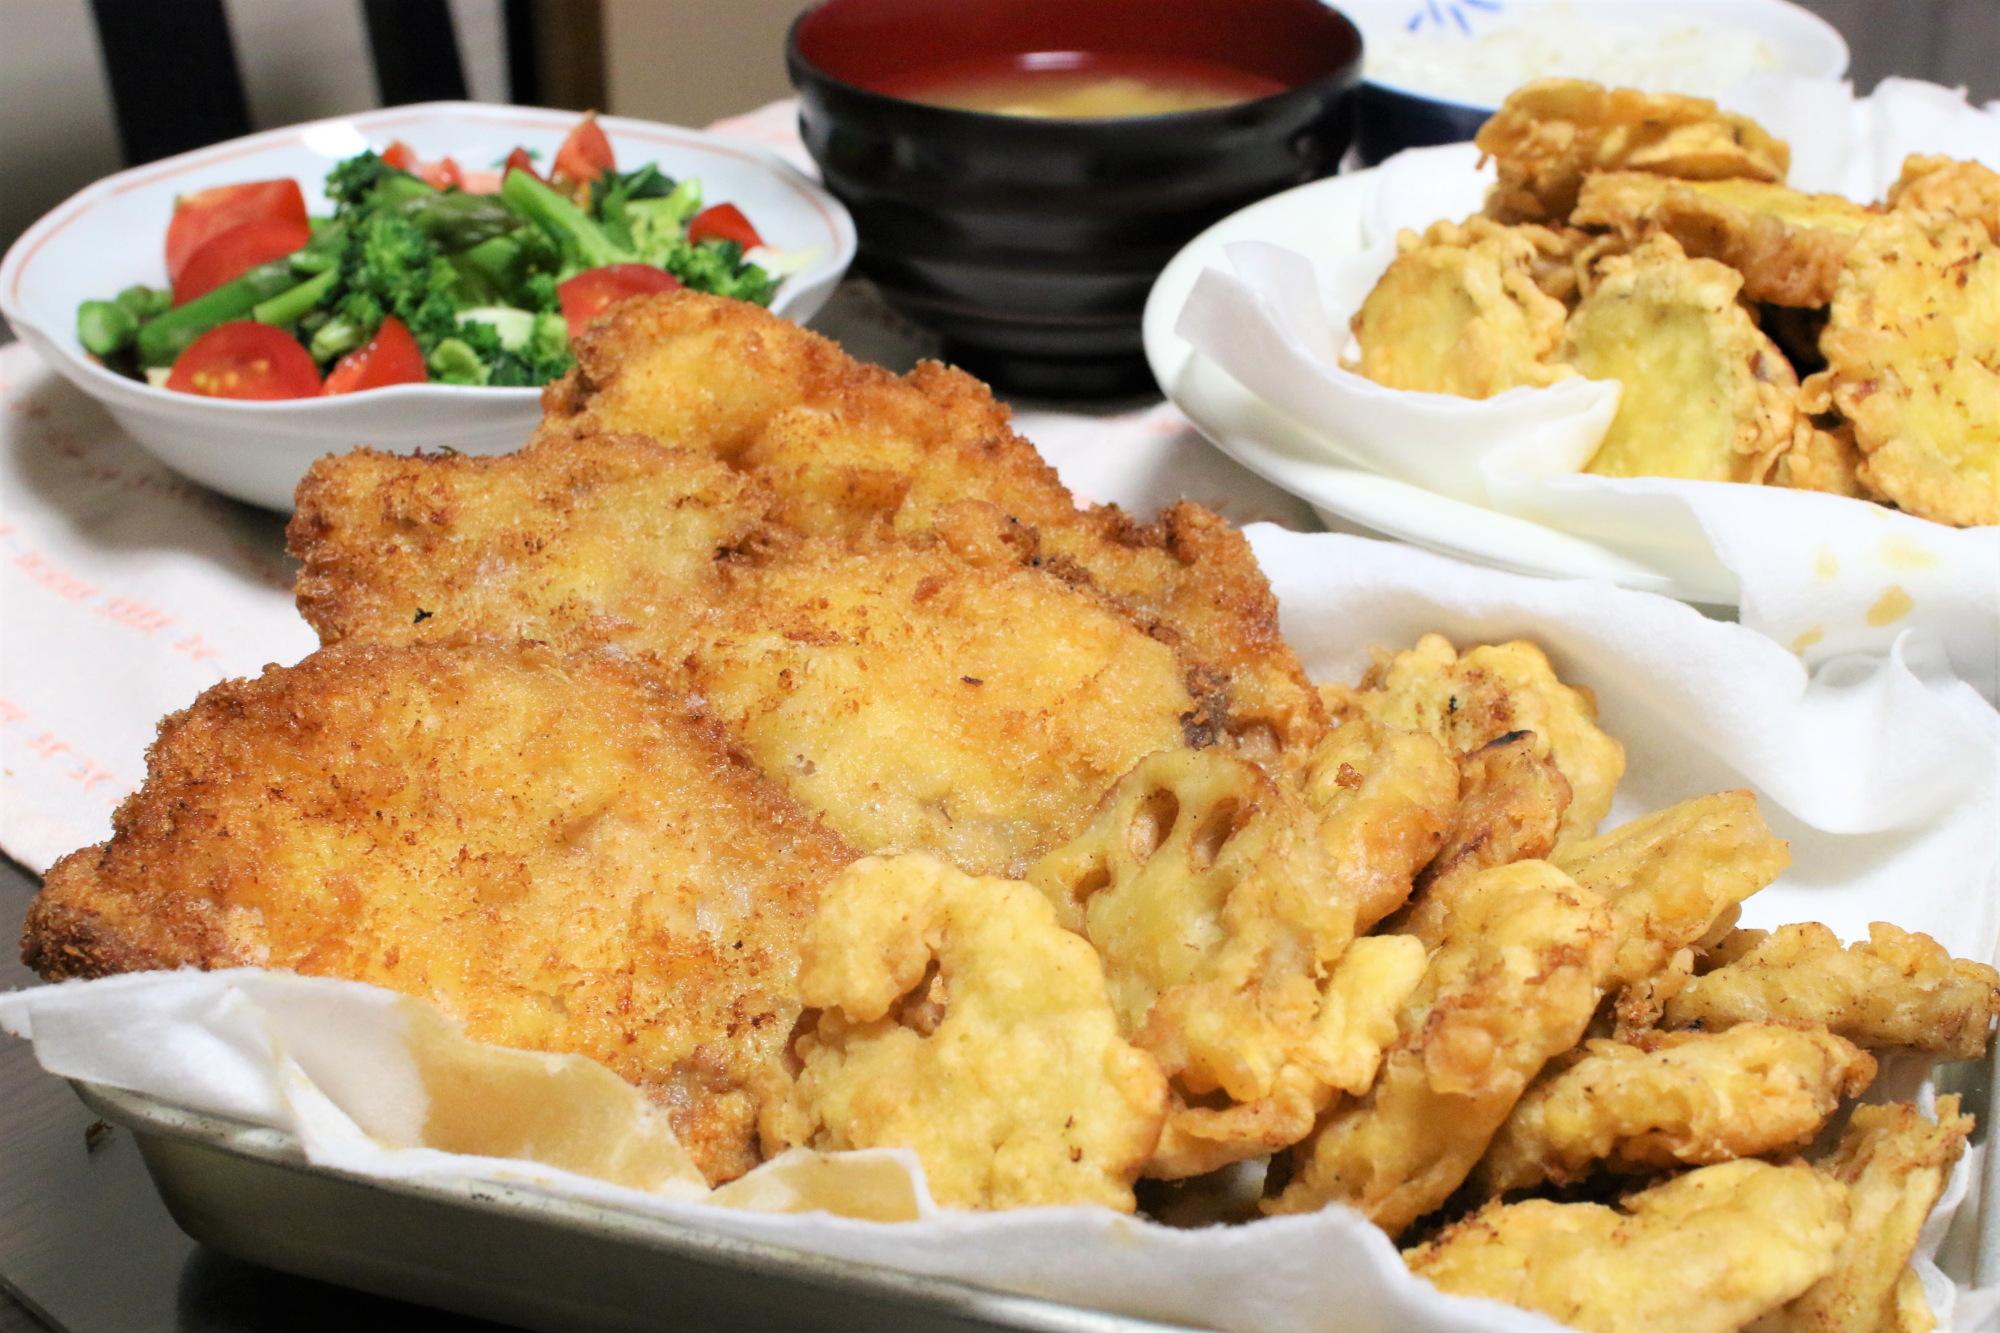 巨大なとんかつ、さつまいもとレンコンの天ぷらなど、おばあが作った晩ごはんメニュー